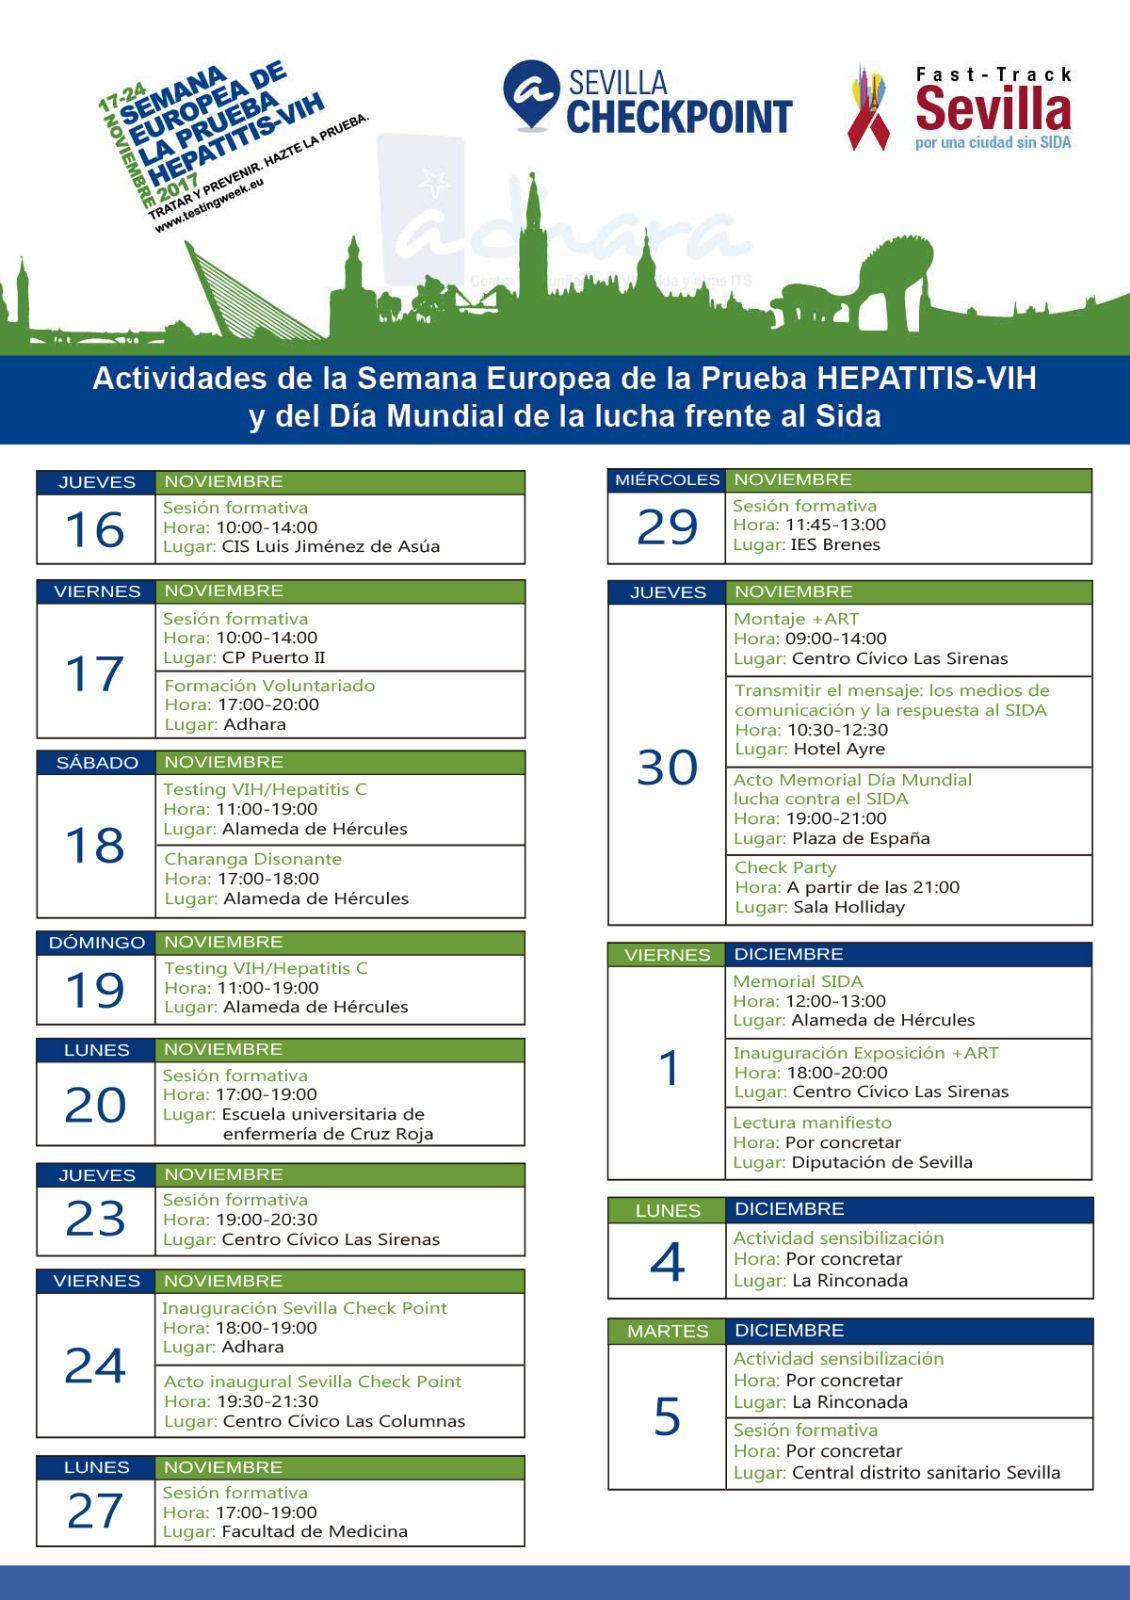 Semana Europea de la prueba hepatitis-VIH 2017